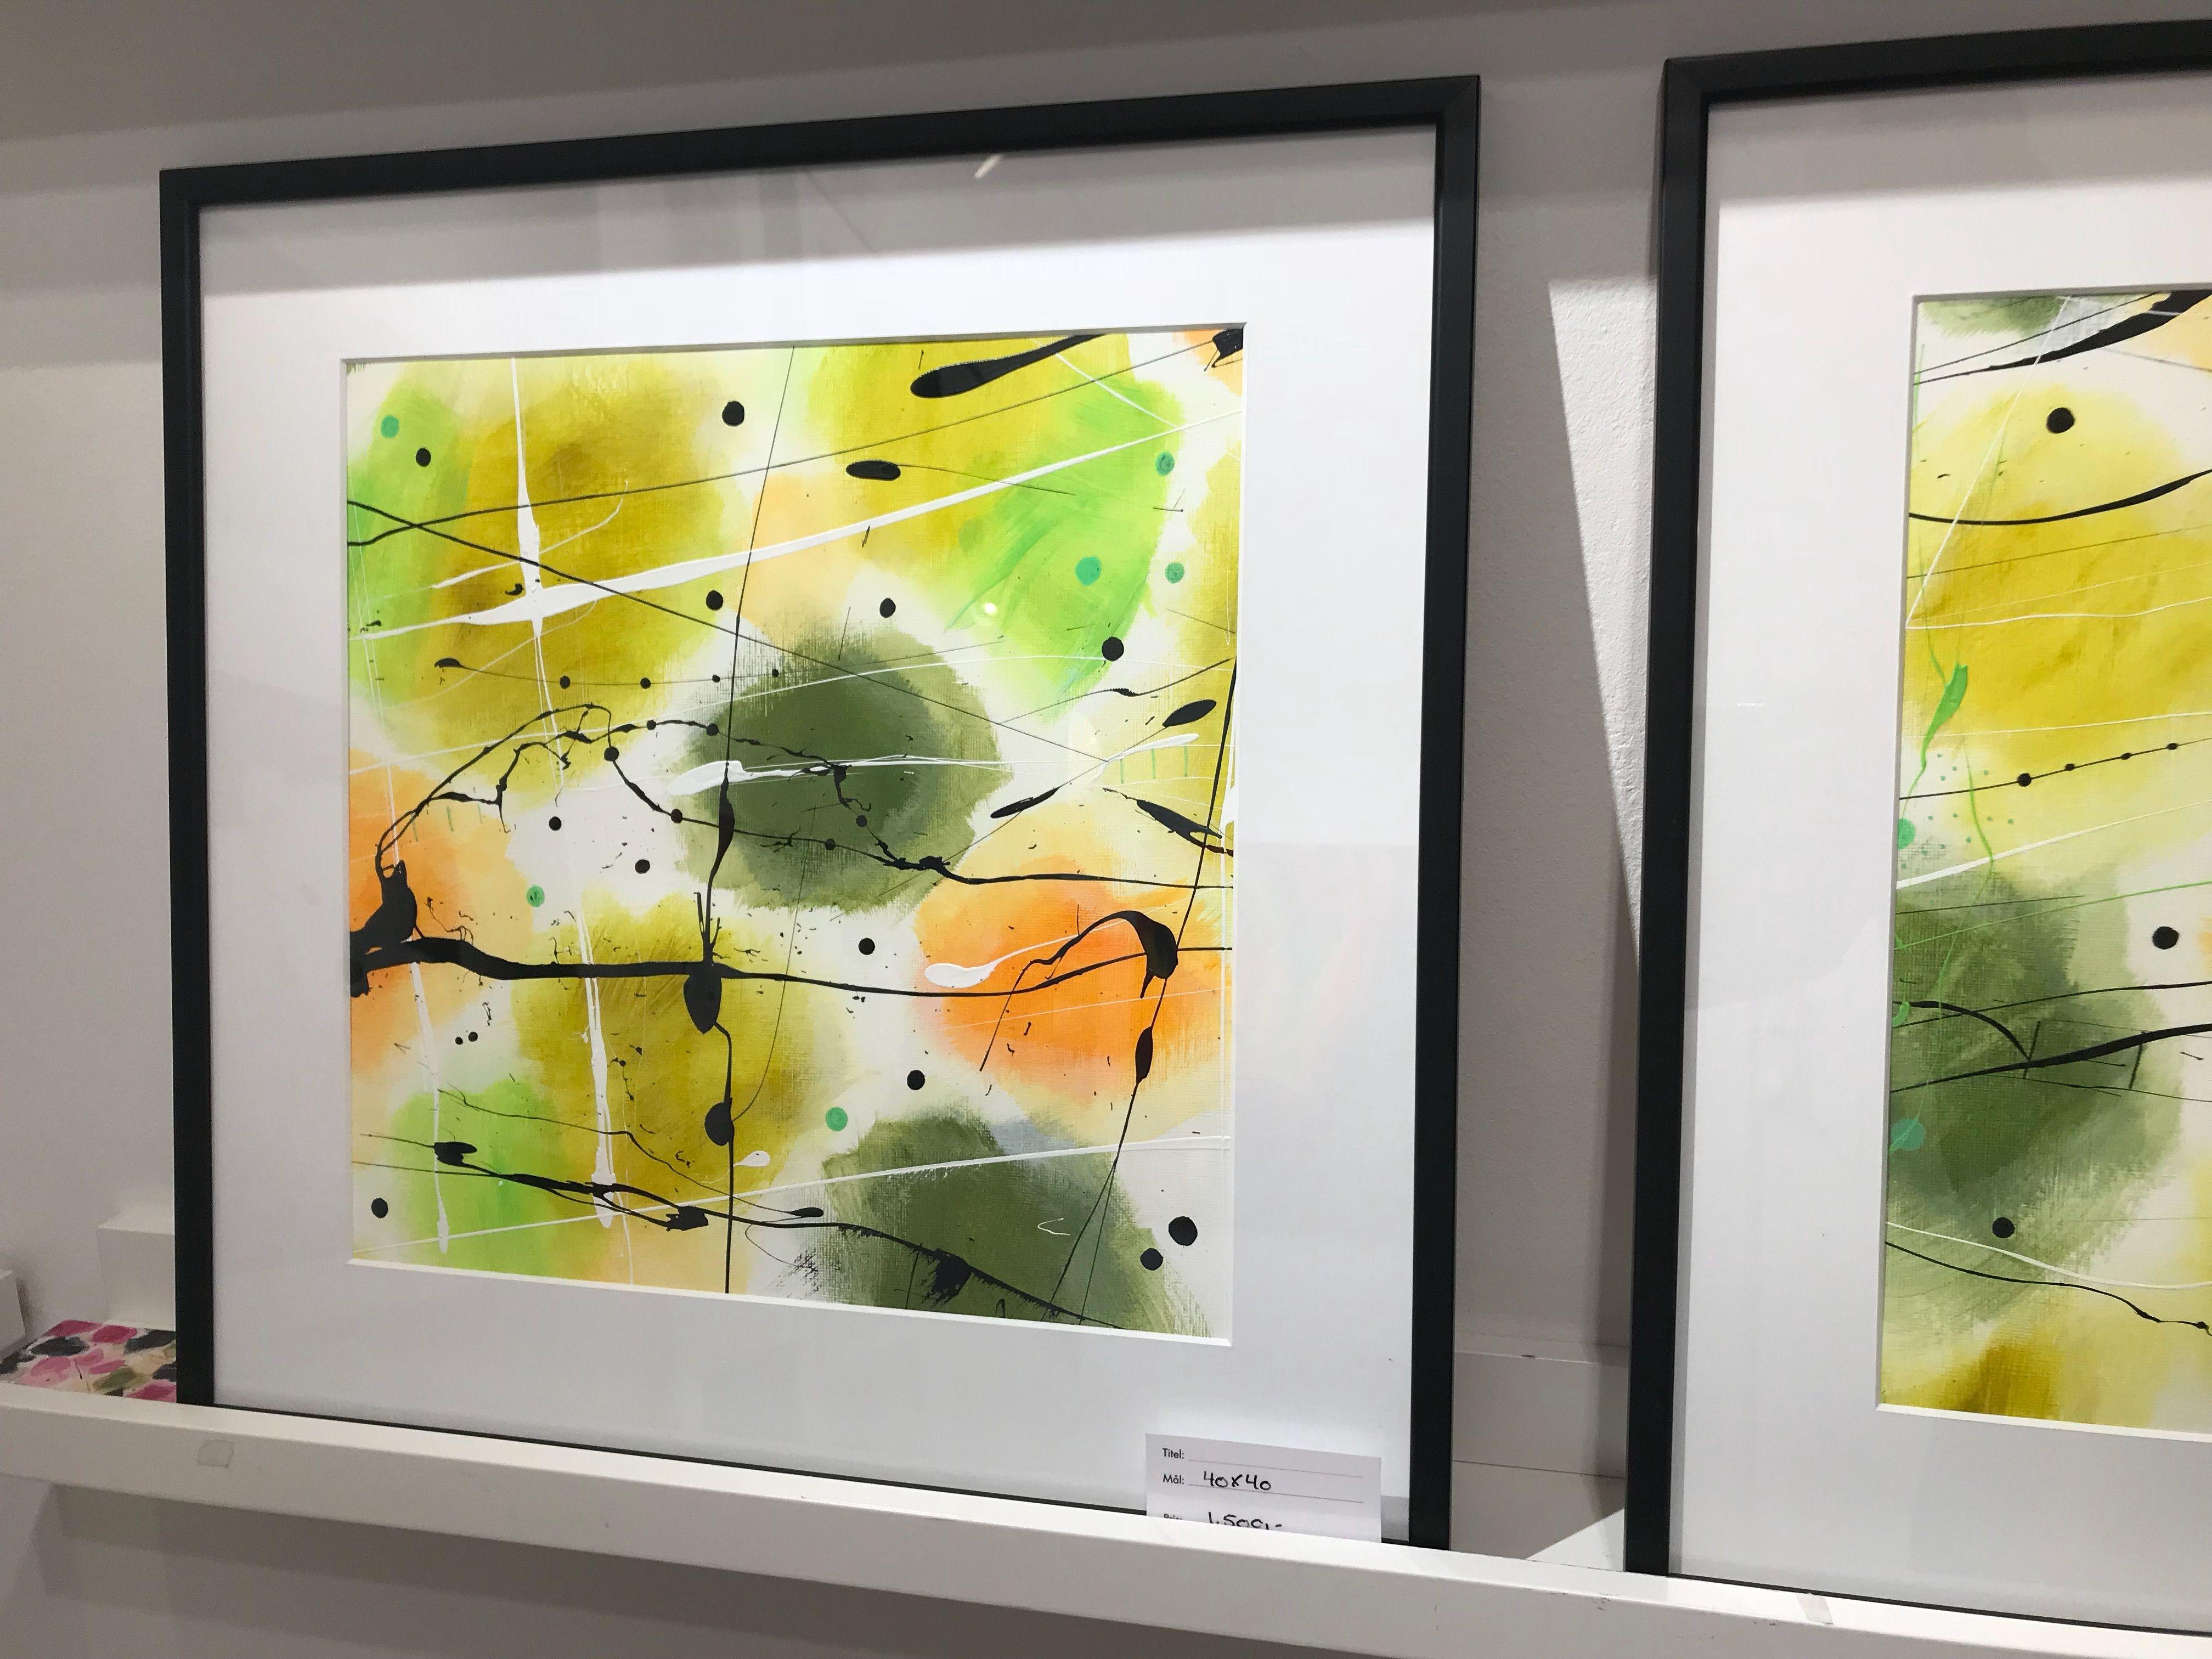 Malerier I Ramme Udstilles I Helsingor Kunstgalleri Art By Majbrit Lund Moderne Kunst Instagram Photo Instagram Photo